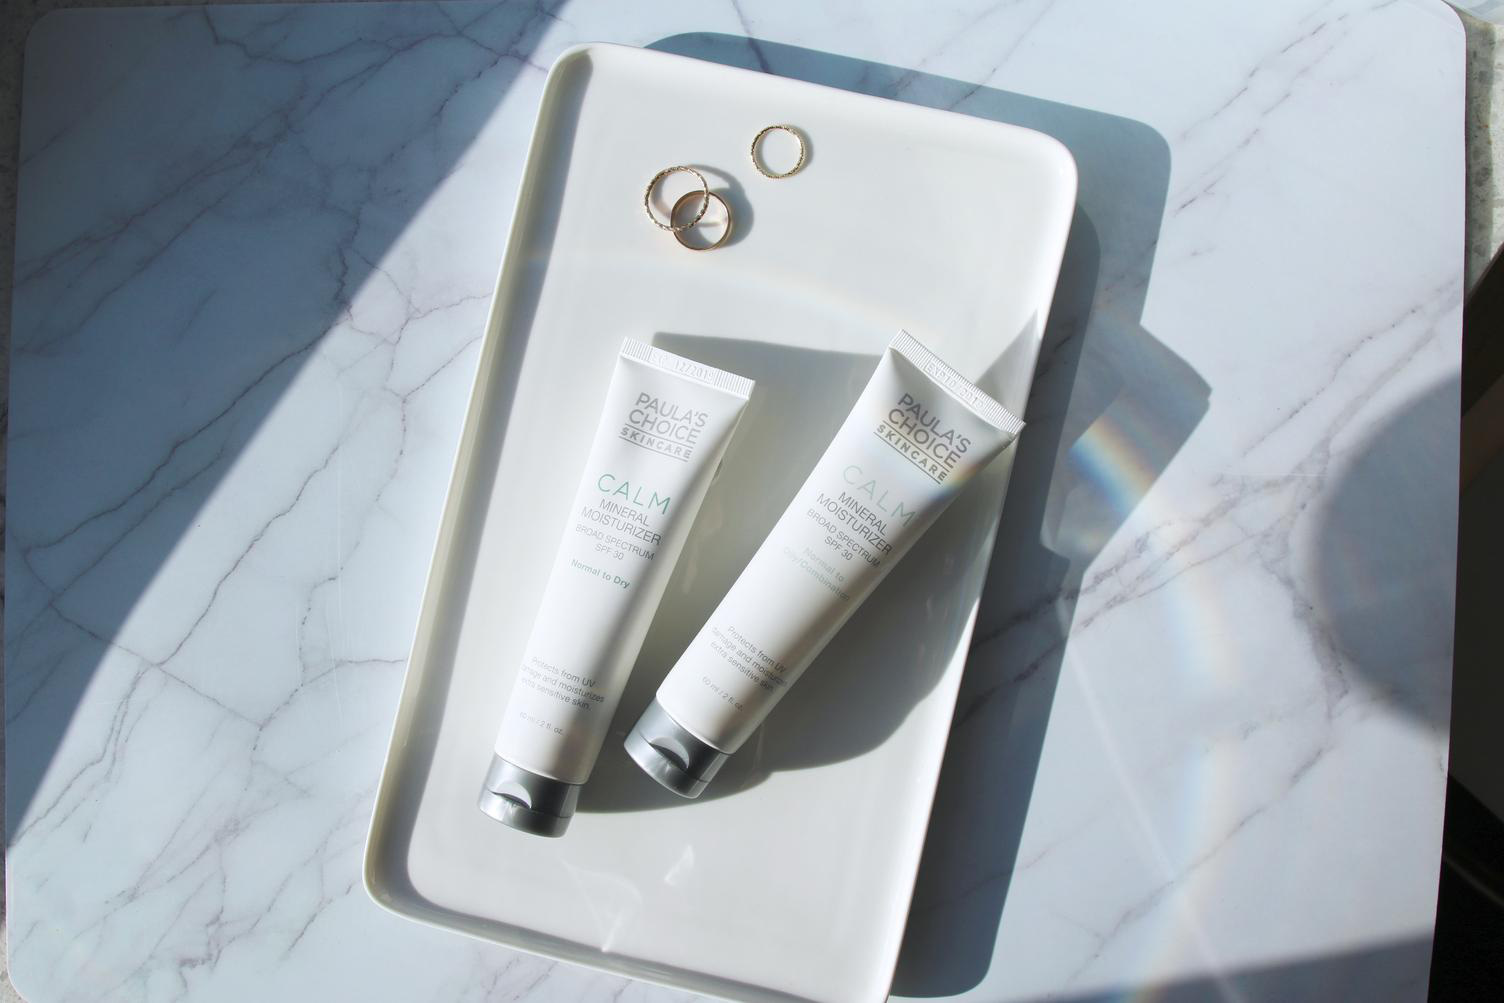 Lộ diện 5 tuýp kem chống nắng bảo vệ da hoàn hảo trước tác động của tia UV - Ảnh 4.